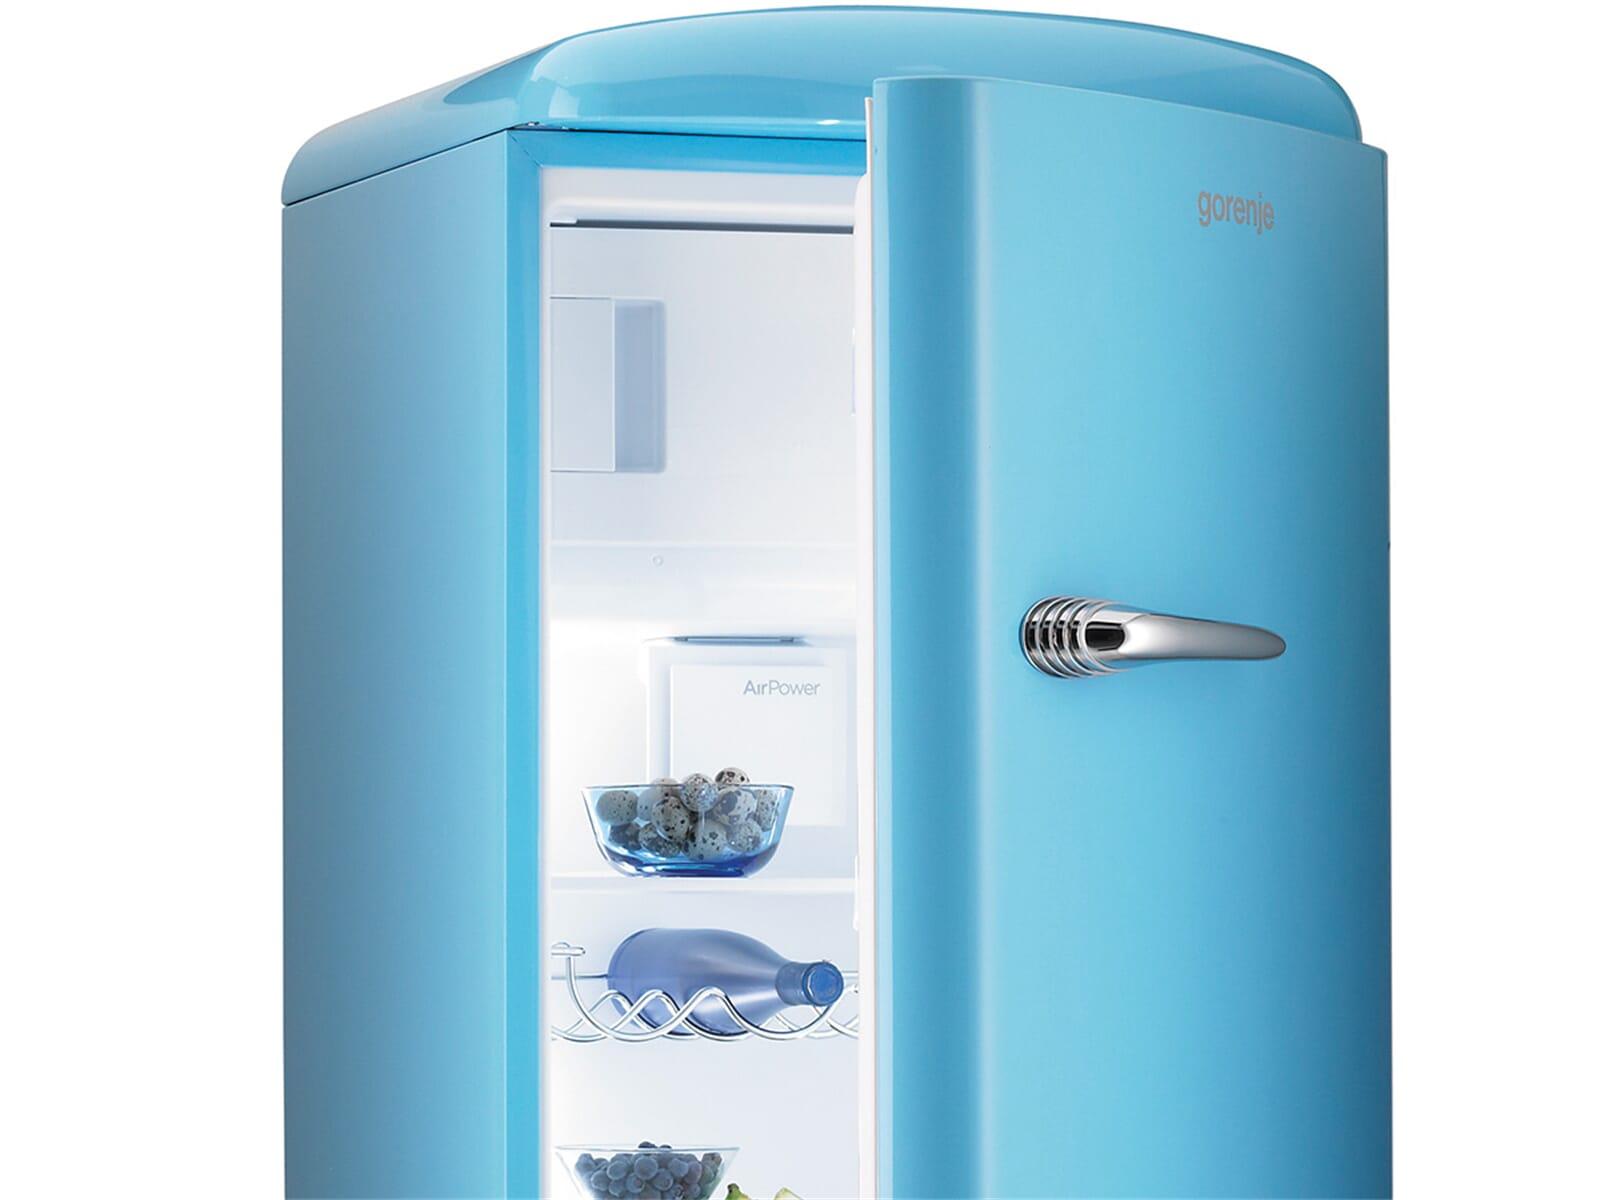 Amerikanischer Kühlschrank Blau : Kühlschrank blau gorenje heck donna